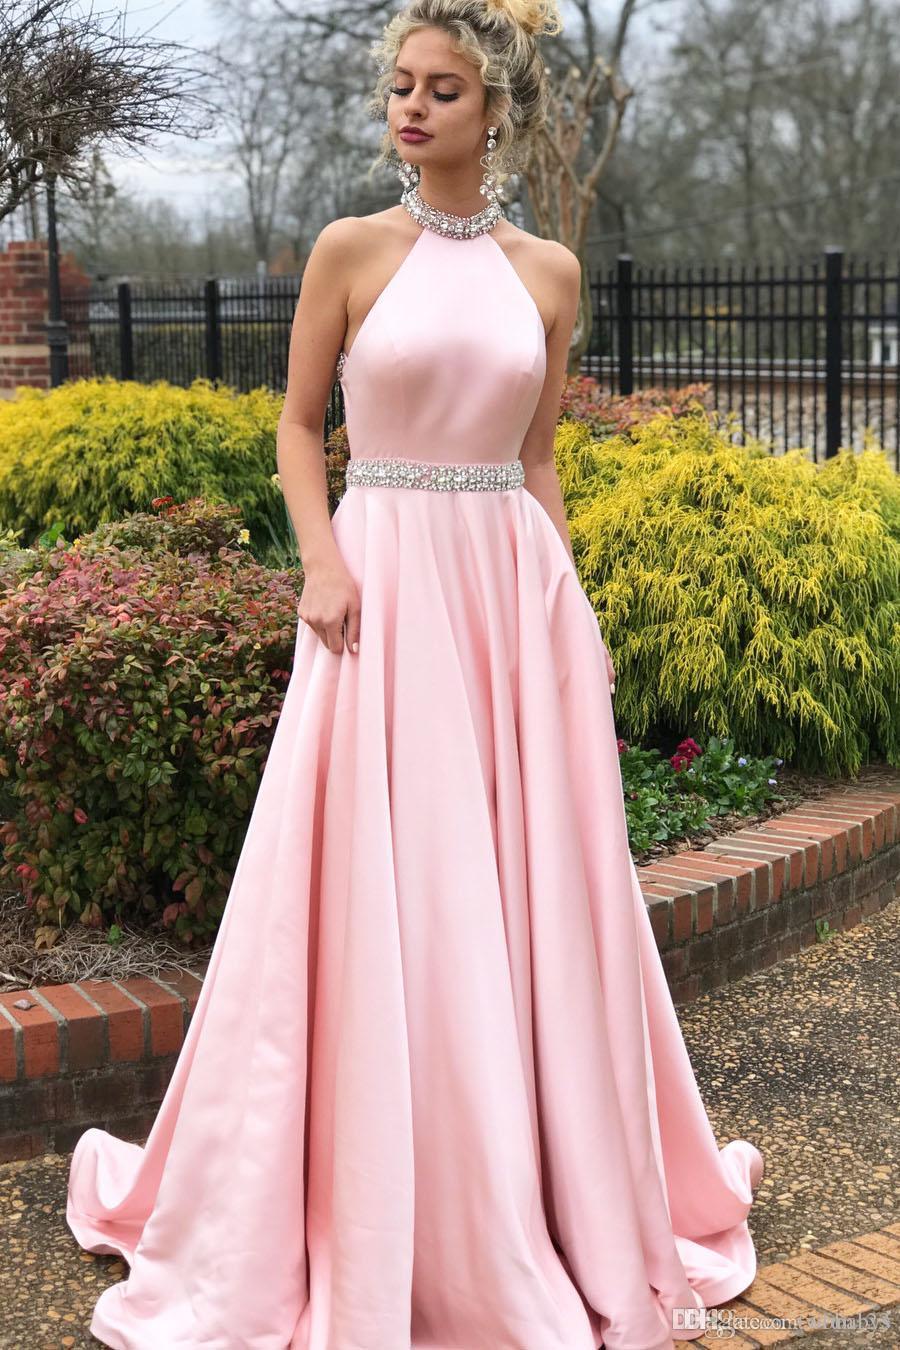 Sin mangas Con cuentas de cristal Halter cuello sin respaldo satinado rosa vestido de noche vestidos de fiesta de graduación largos vestidos de baile por encargo